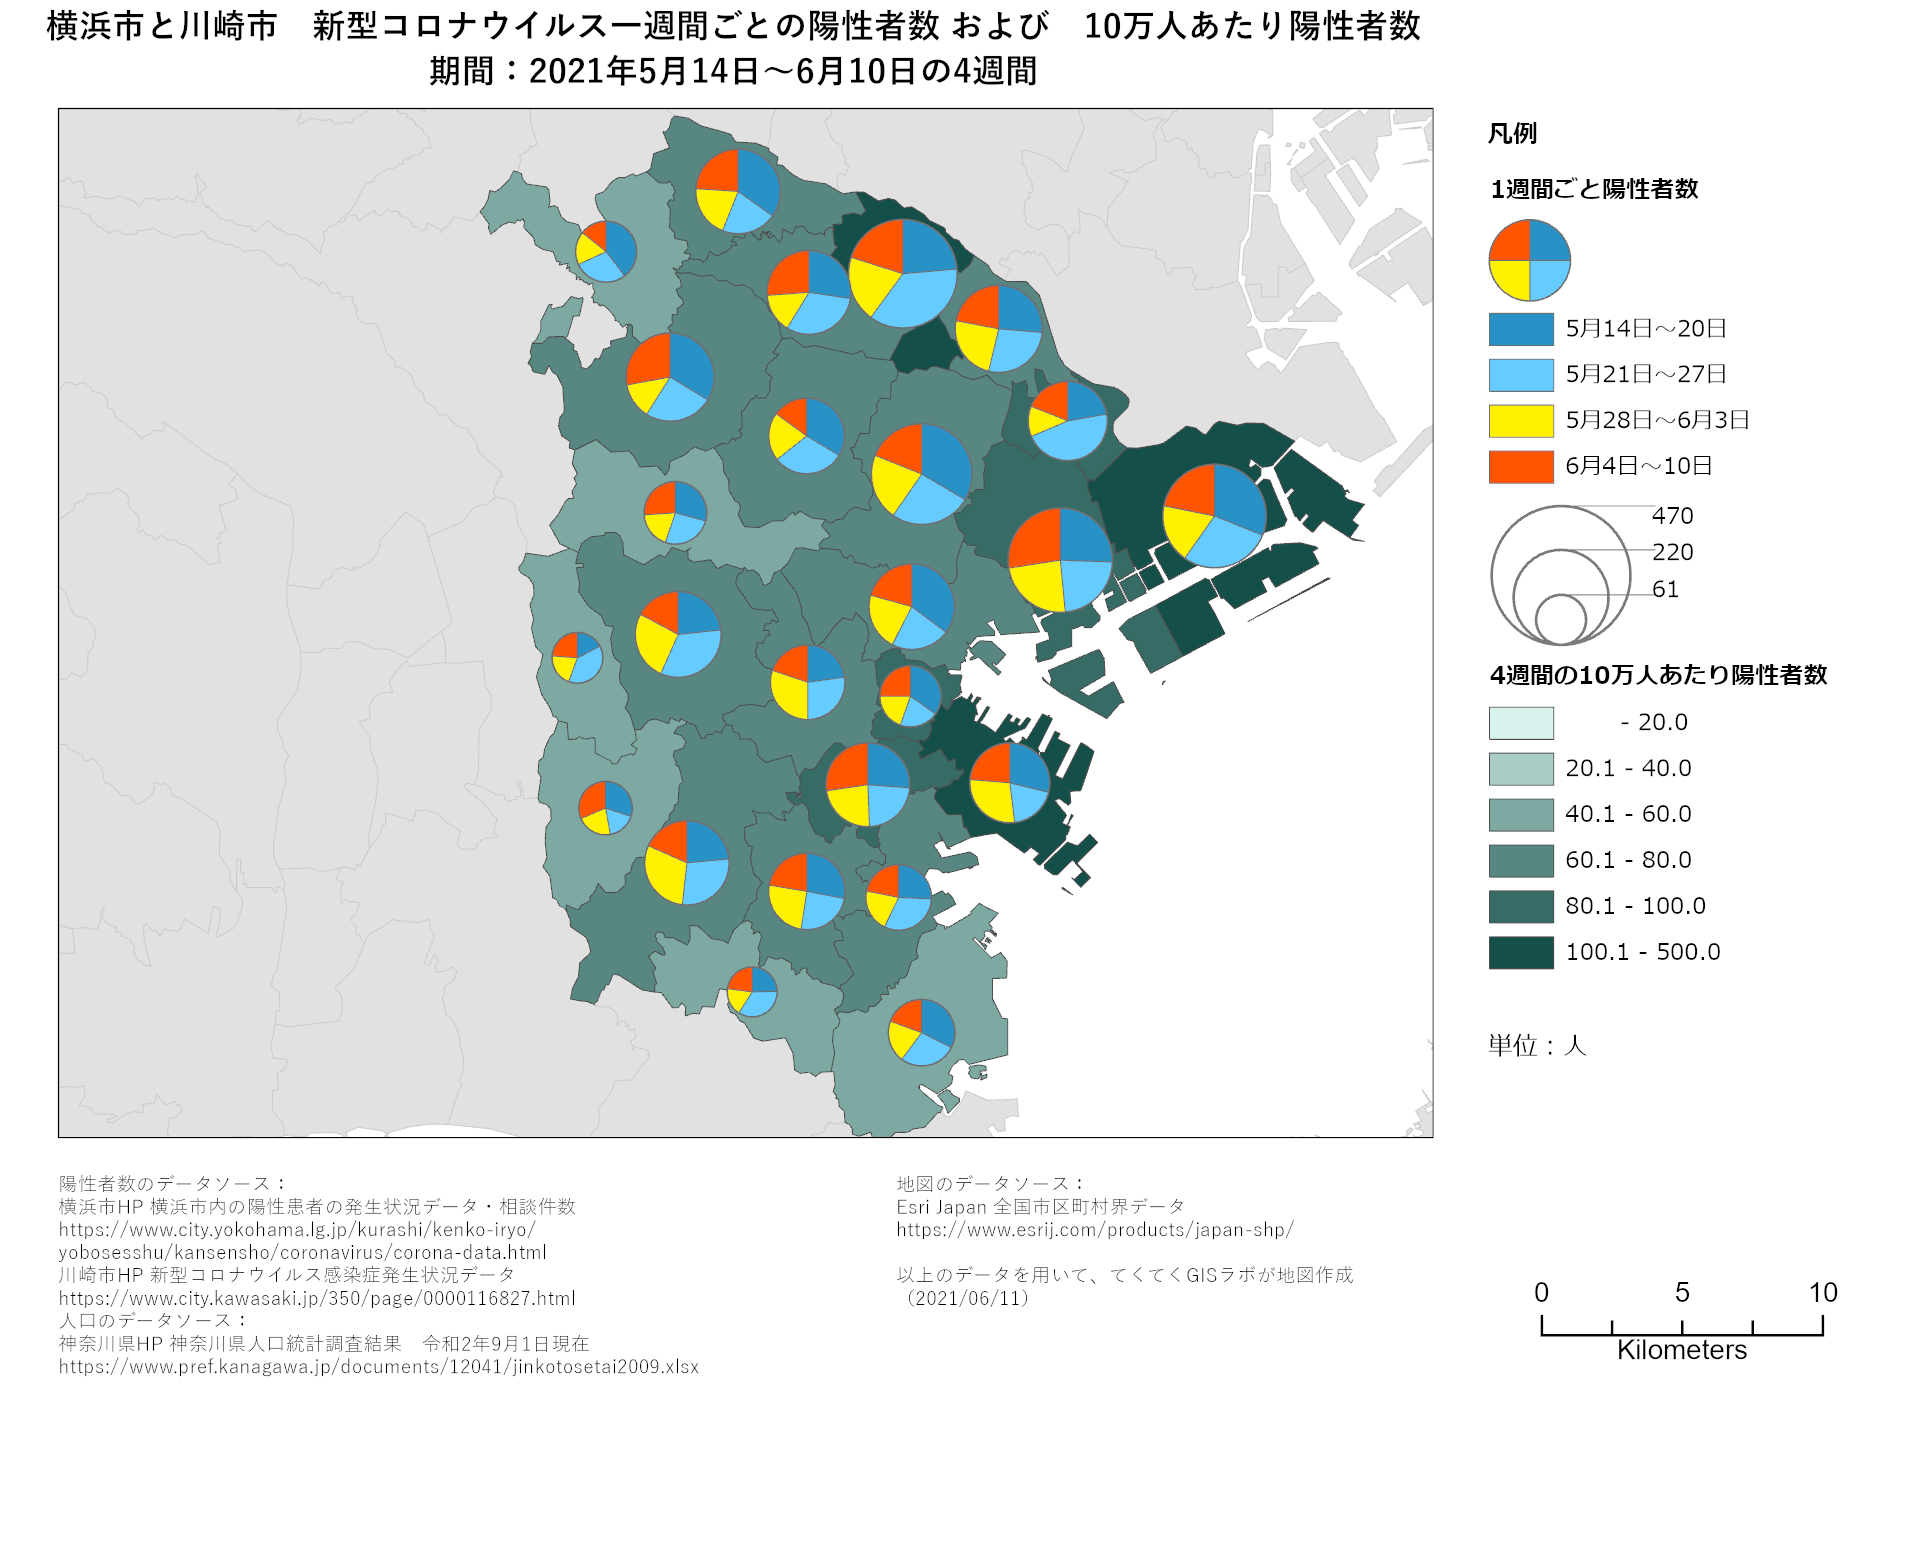 1週間ごと感染者数、神奈川県、5月14日〜6月10日